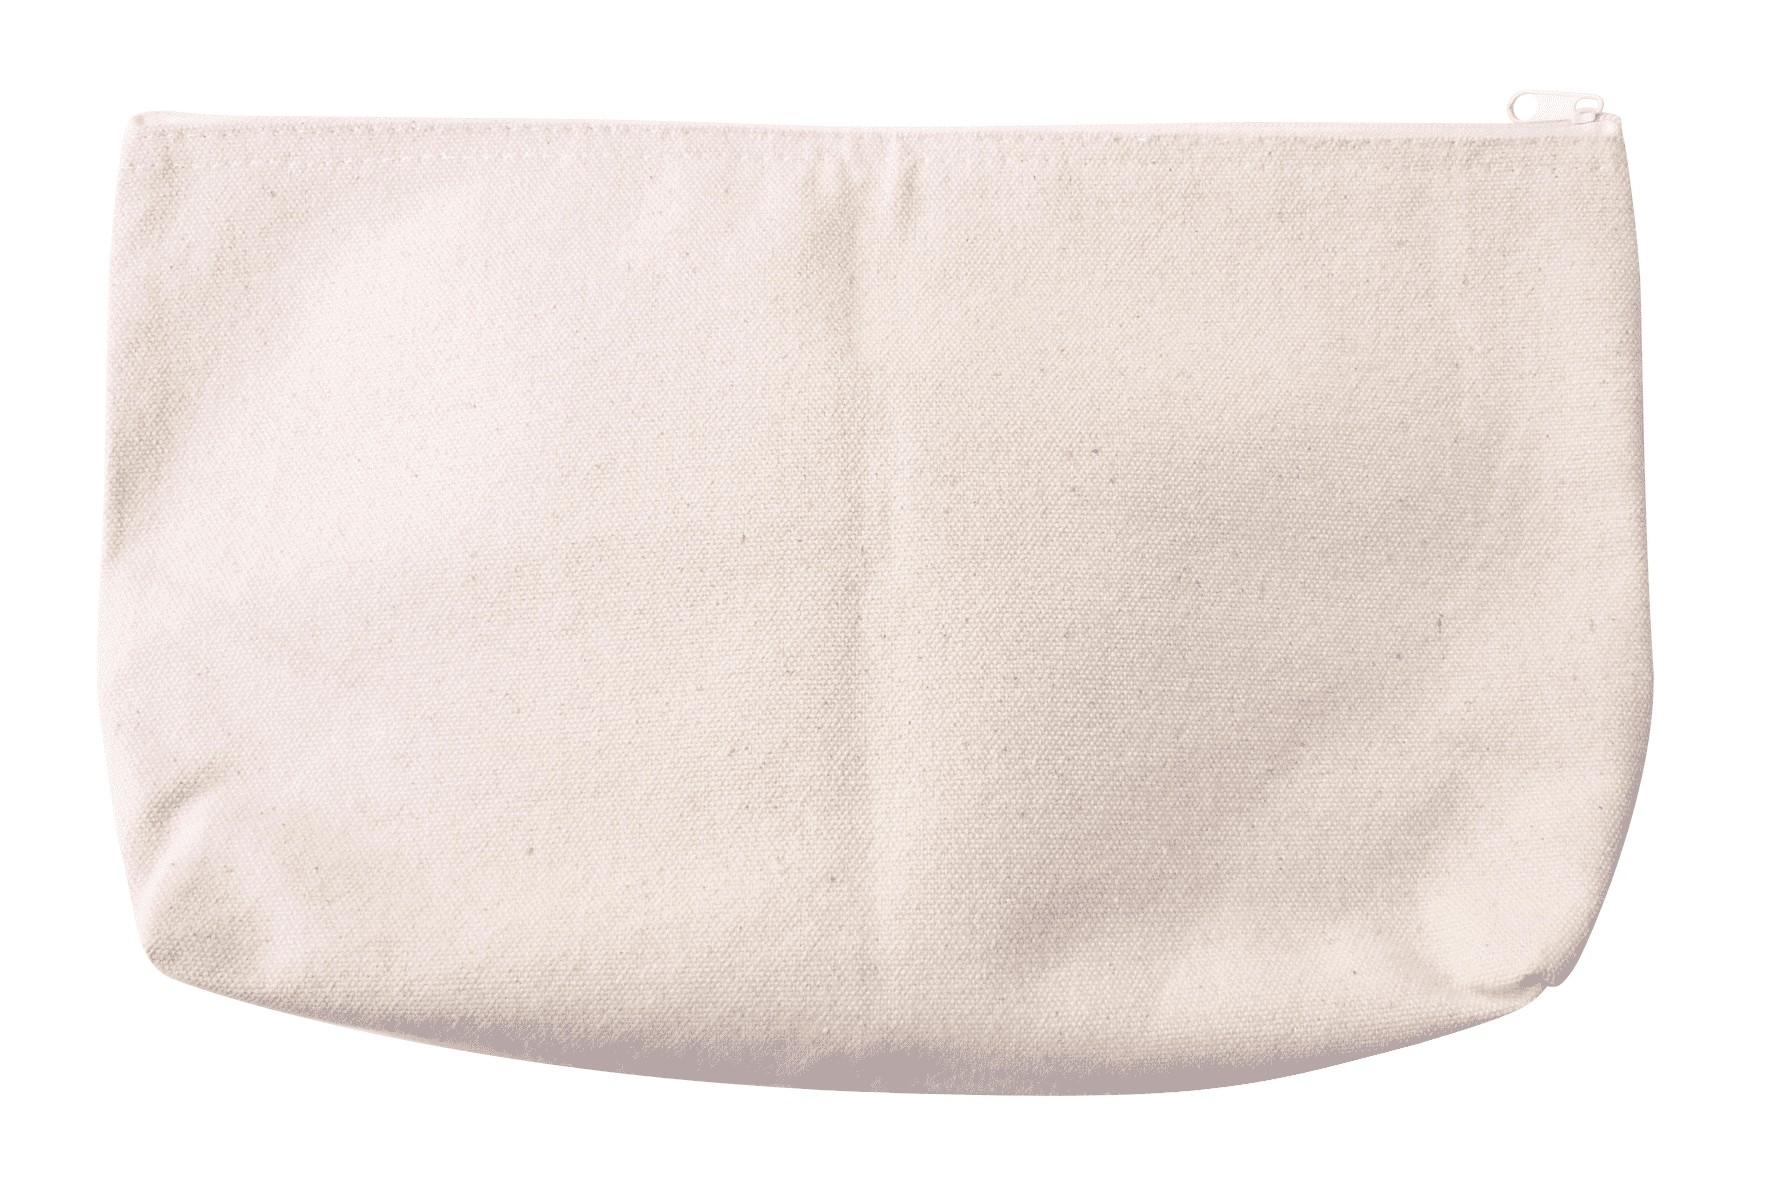 Trousse en coton à décorer 19x29cm